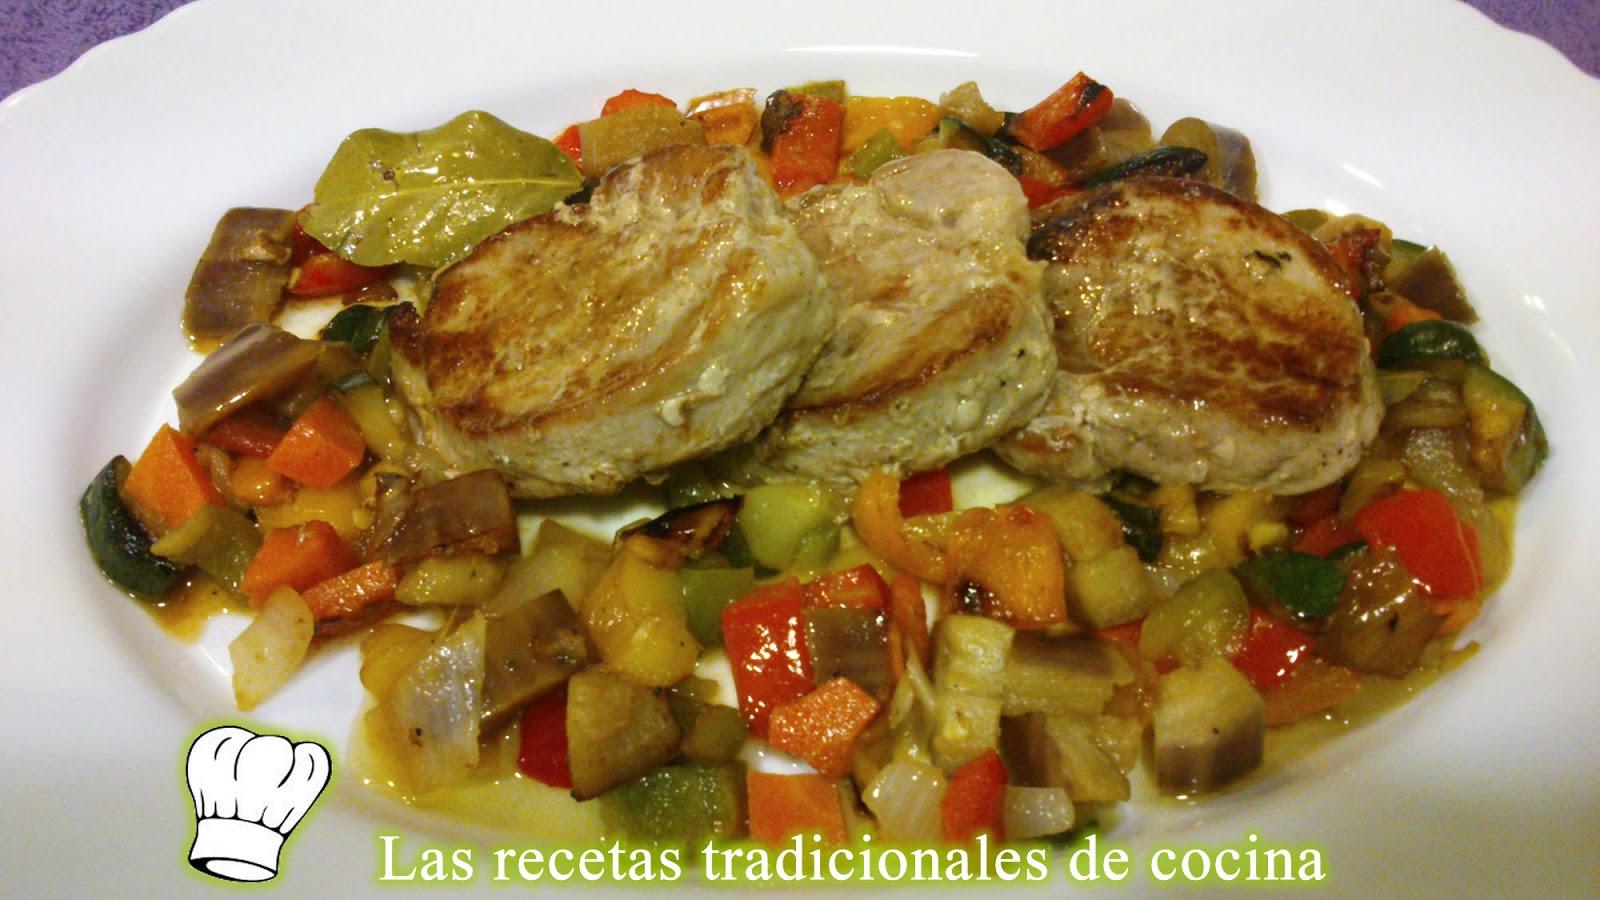 Receta de solomillo ib rico con verduras recetas de - Como preparar un solomillo de cerdo al horno ...